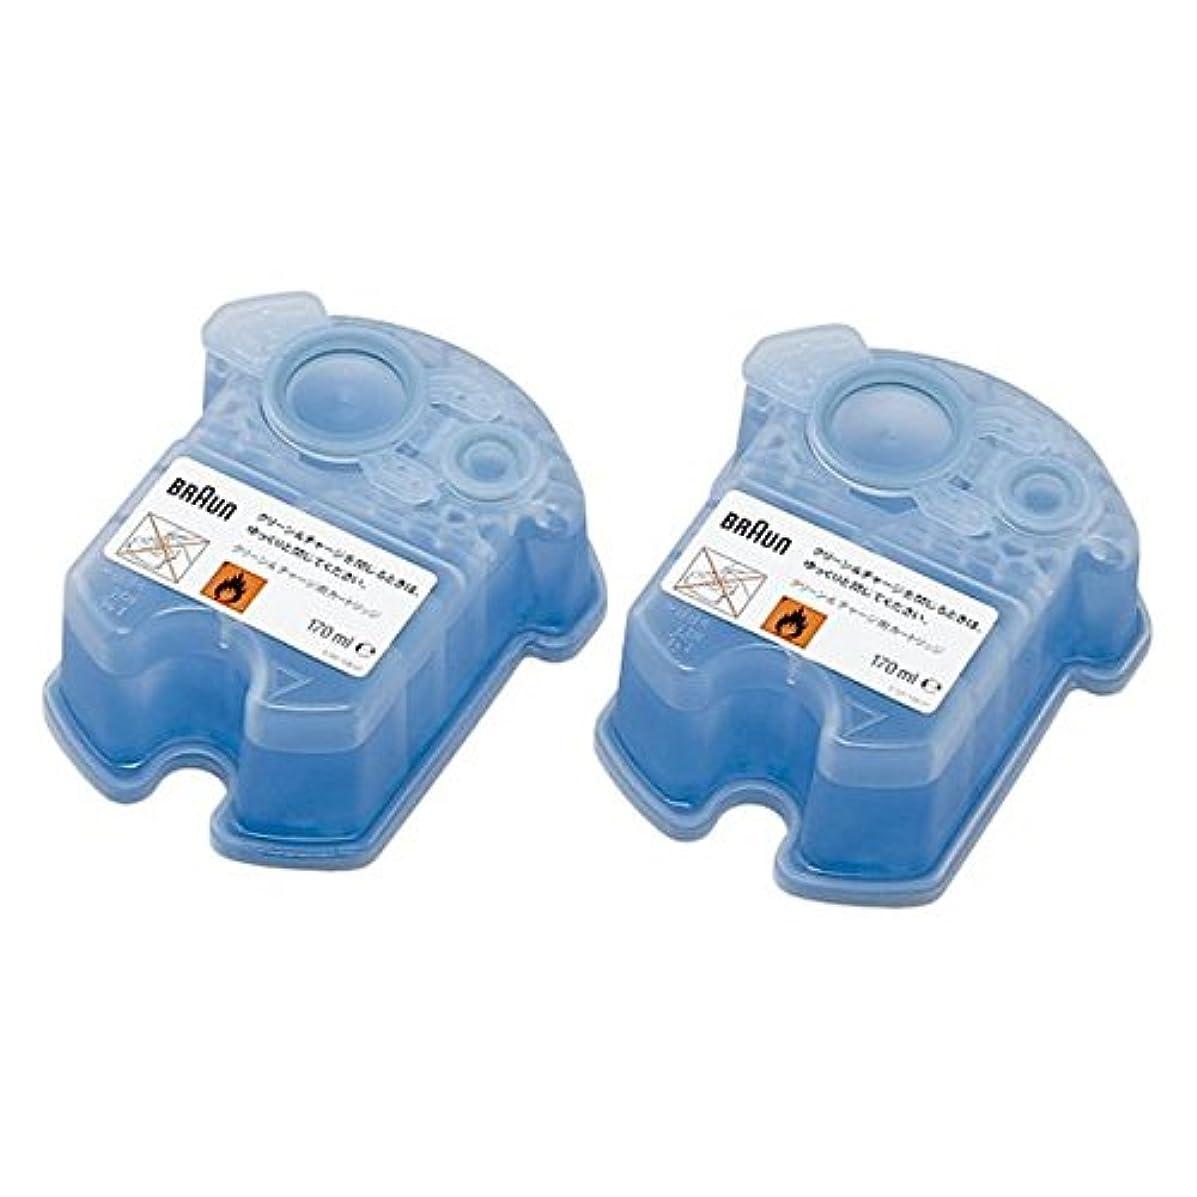 バーチャル顕現透けるBRAUN(ブラウン) クリーン&リニュー専用 洗浄液カートリッジ CCR2CR 2個入 家電 生活家電 [並行輸入品]